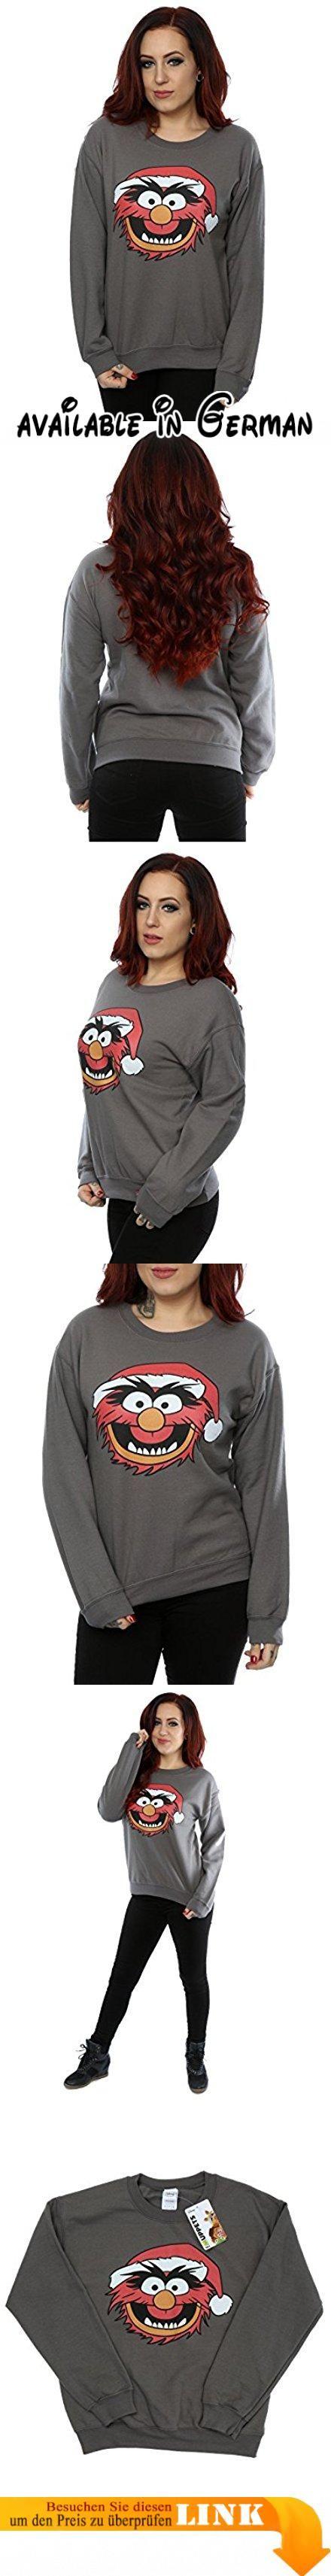 Disney Damen The Muppets Animal Christmas Sweatshirt X-Small Licht Graphite. Offiziell lizenzierte Waren mit allen autorisierten Lizenzgeber Branding, Verpackung und Kennzeichnung. 240gsm leichtes Kleidungsstück perfekt für den Sommer oder tragen das ganze Jahr über.. Leichtes unbrushed Vlies, Raglanärmel und geformter Seitennähte für eine feminine Form.. Bitte überprüfen Sie Ihre Dimensionierung Enttäuschungen zu vermeiden. Unsere Größe X-Small ist das Äquivalent